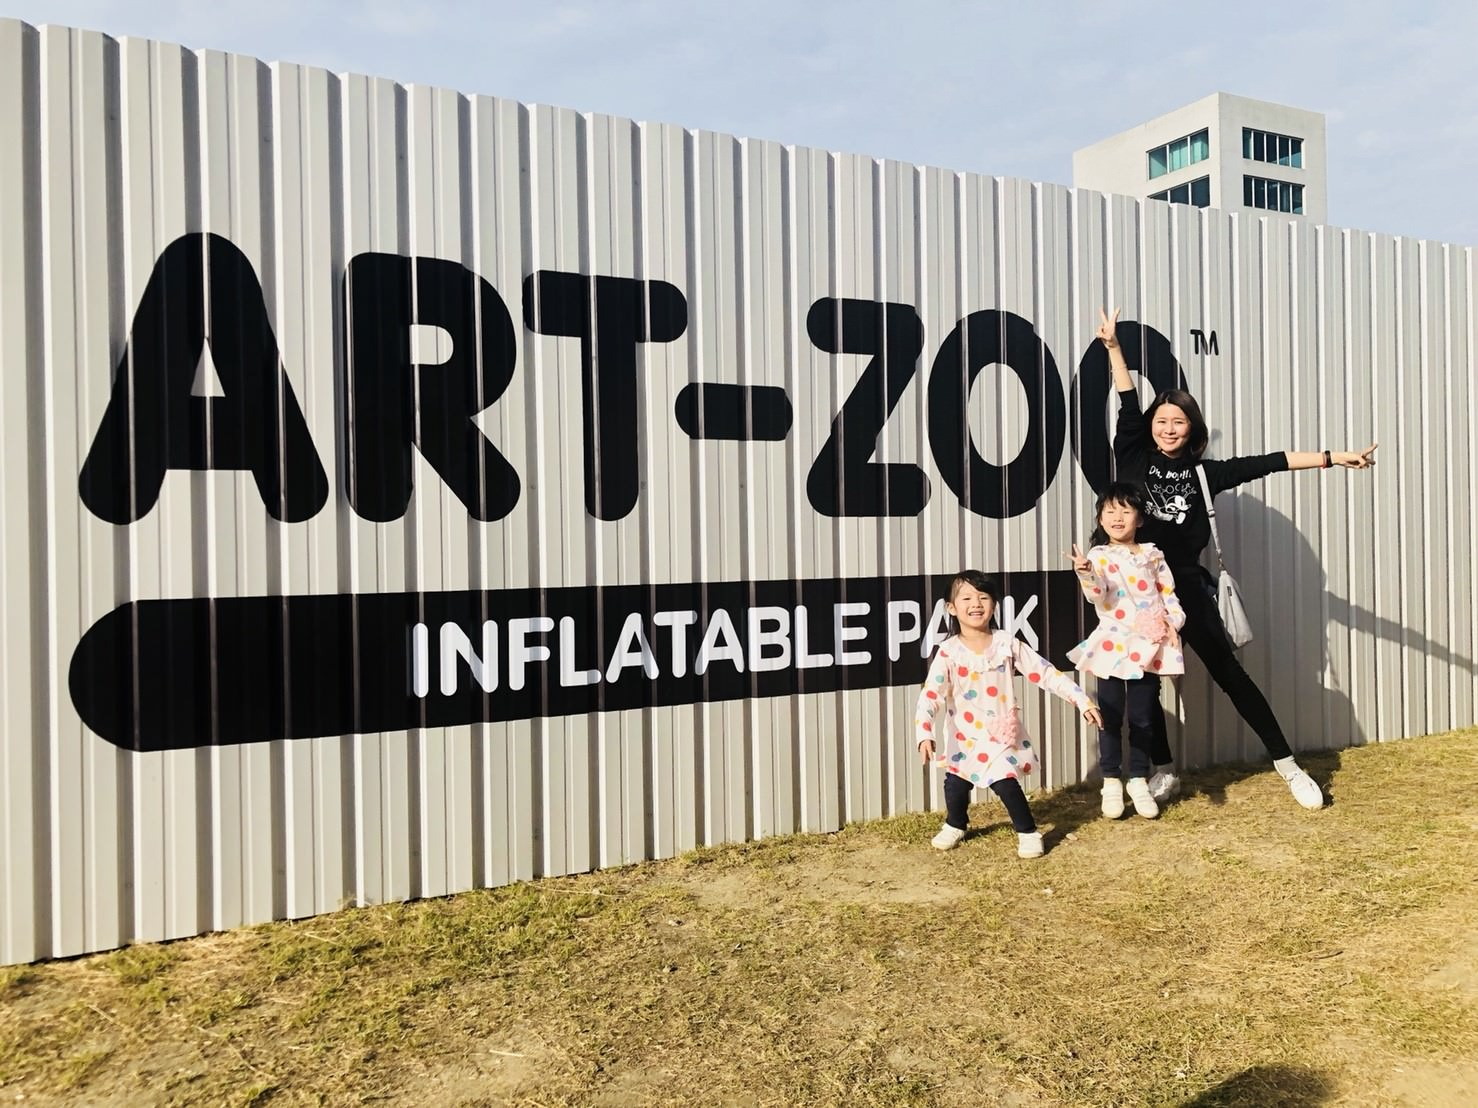 【高雄】新加坡超人氣的氣墊樂園【Art-Zoo 藝術動物園】來了! 快到夢時代一起玩翻天!